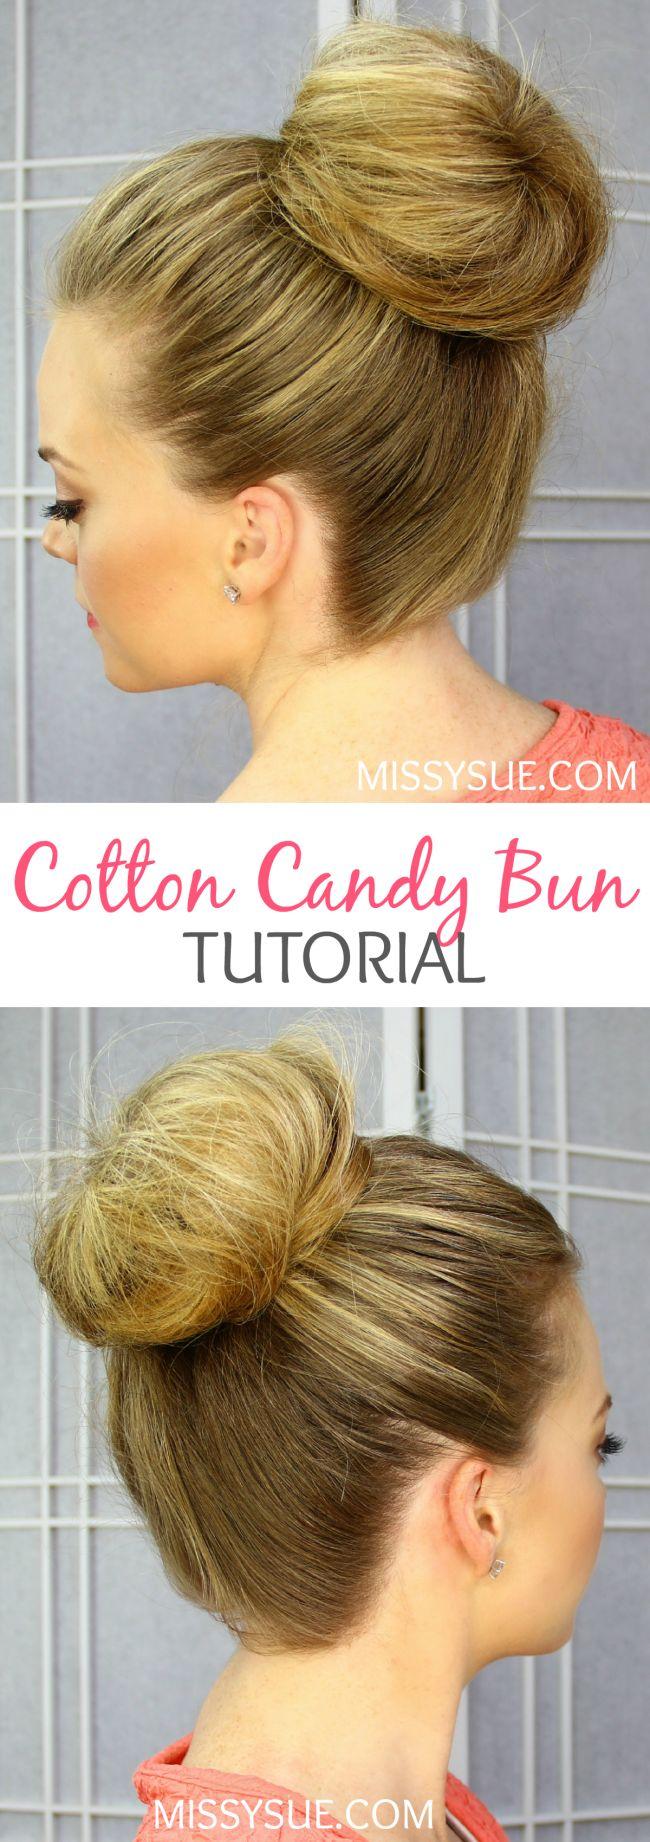 Cotton Candy Bun